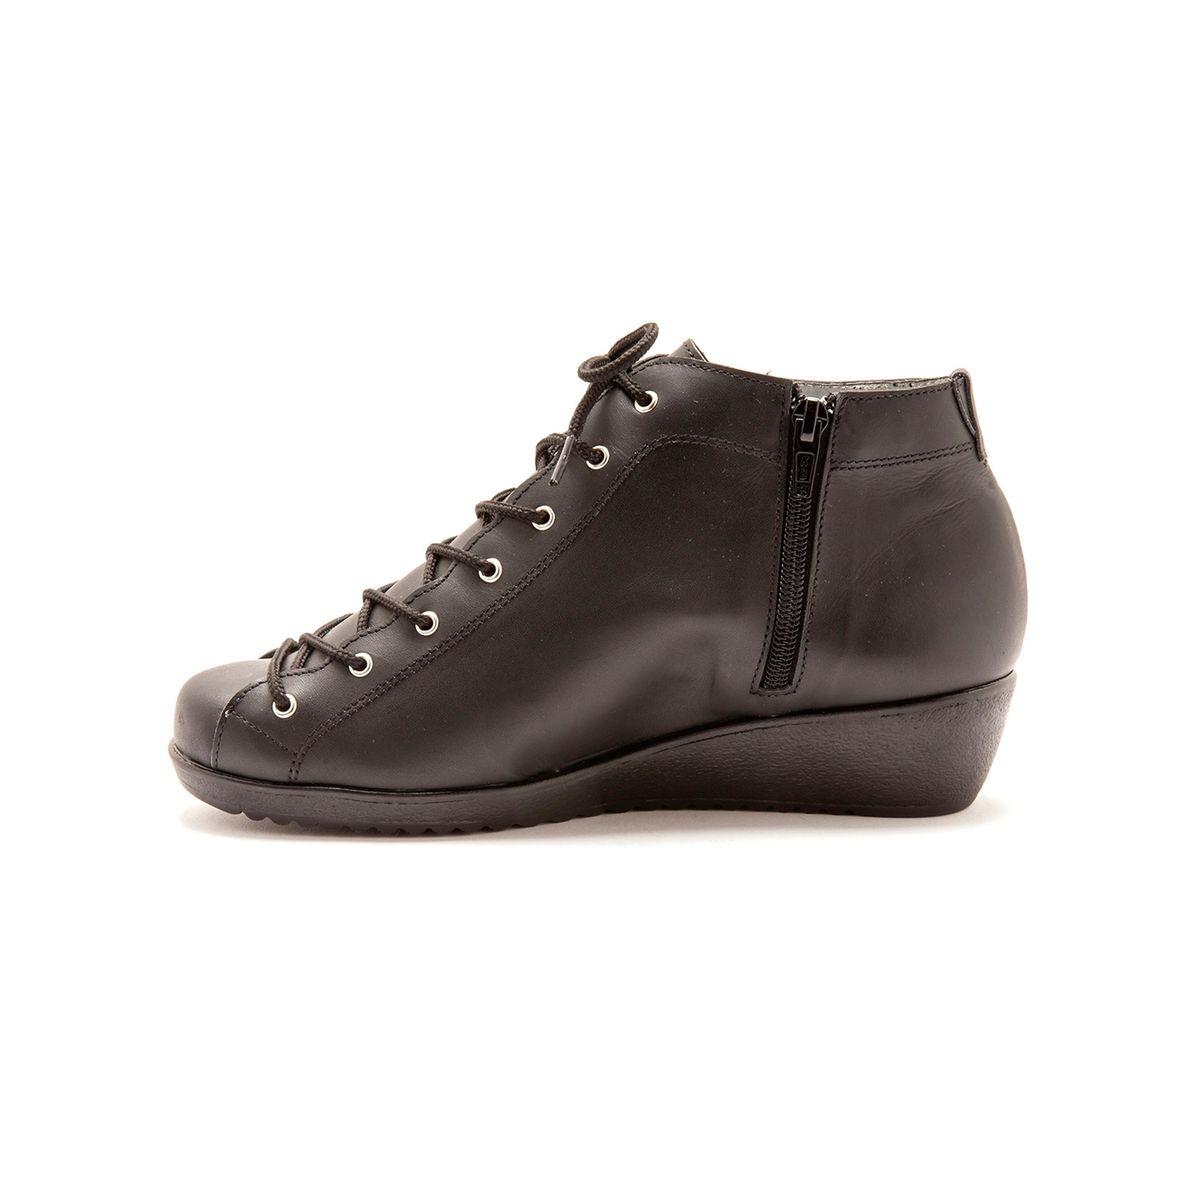 Boots ultra larges spécial pieds sensibles